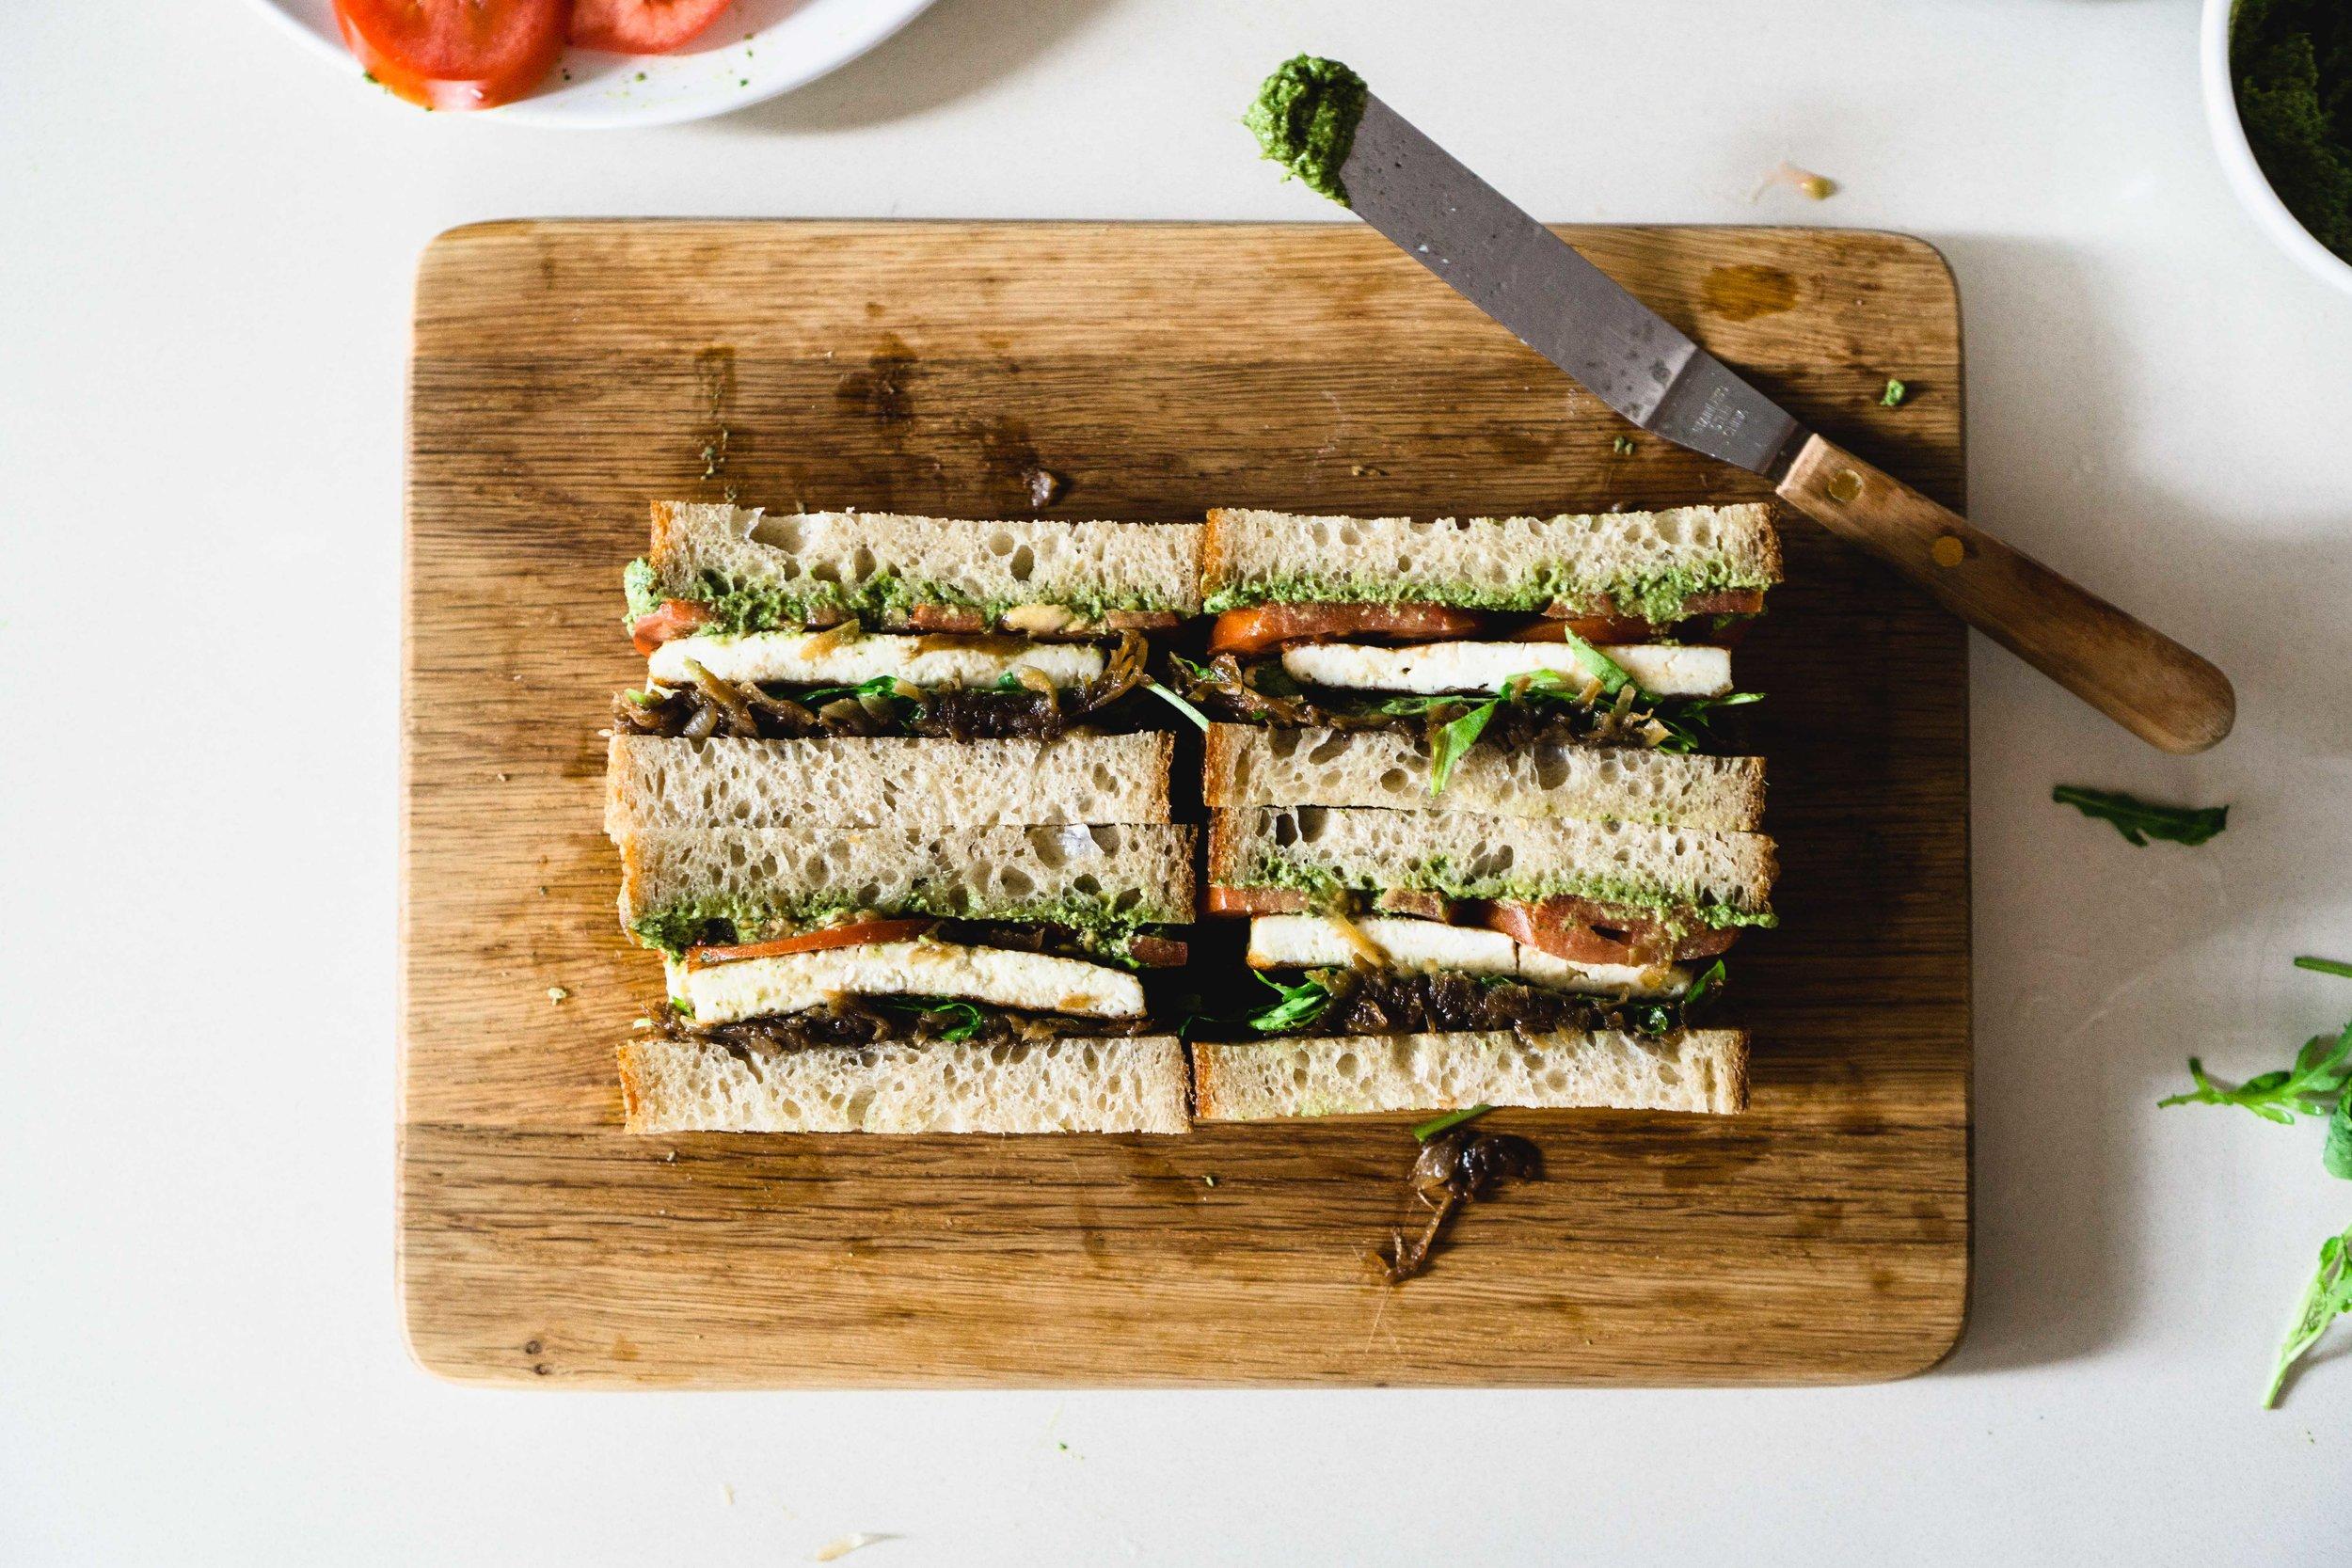 Sandwich Cross-Section